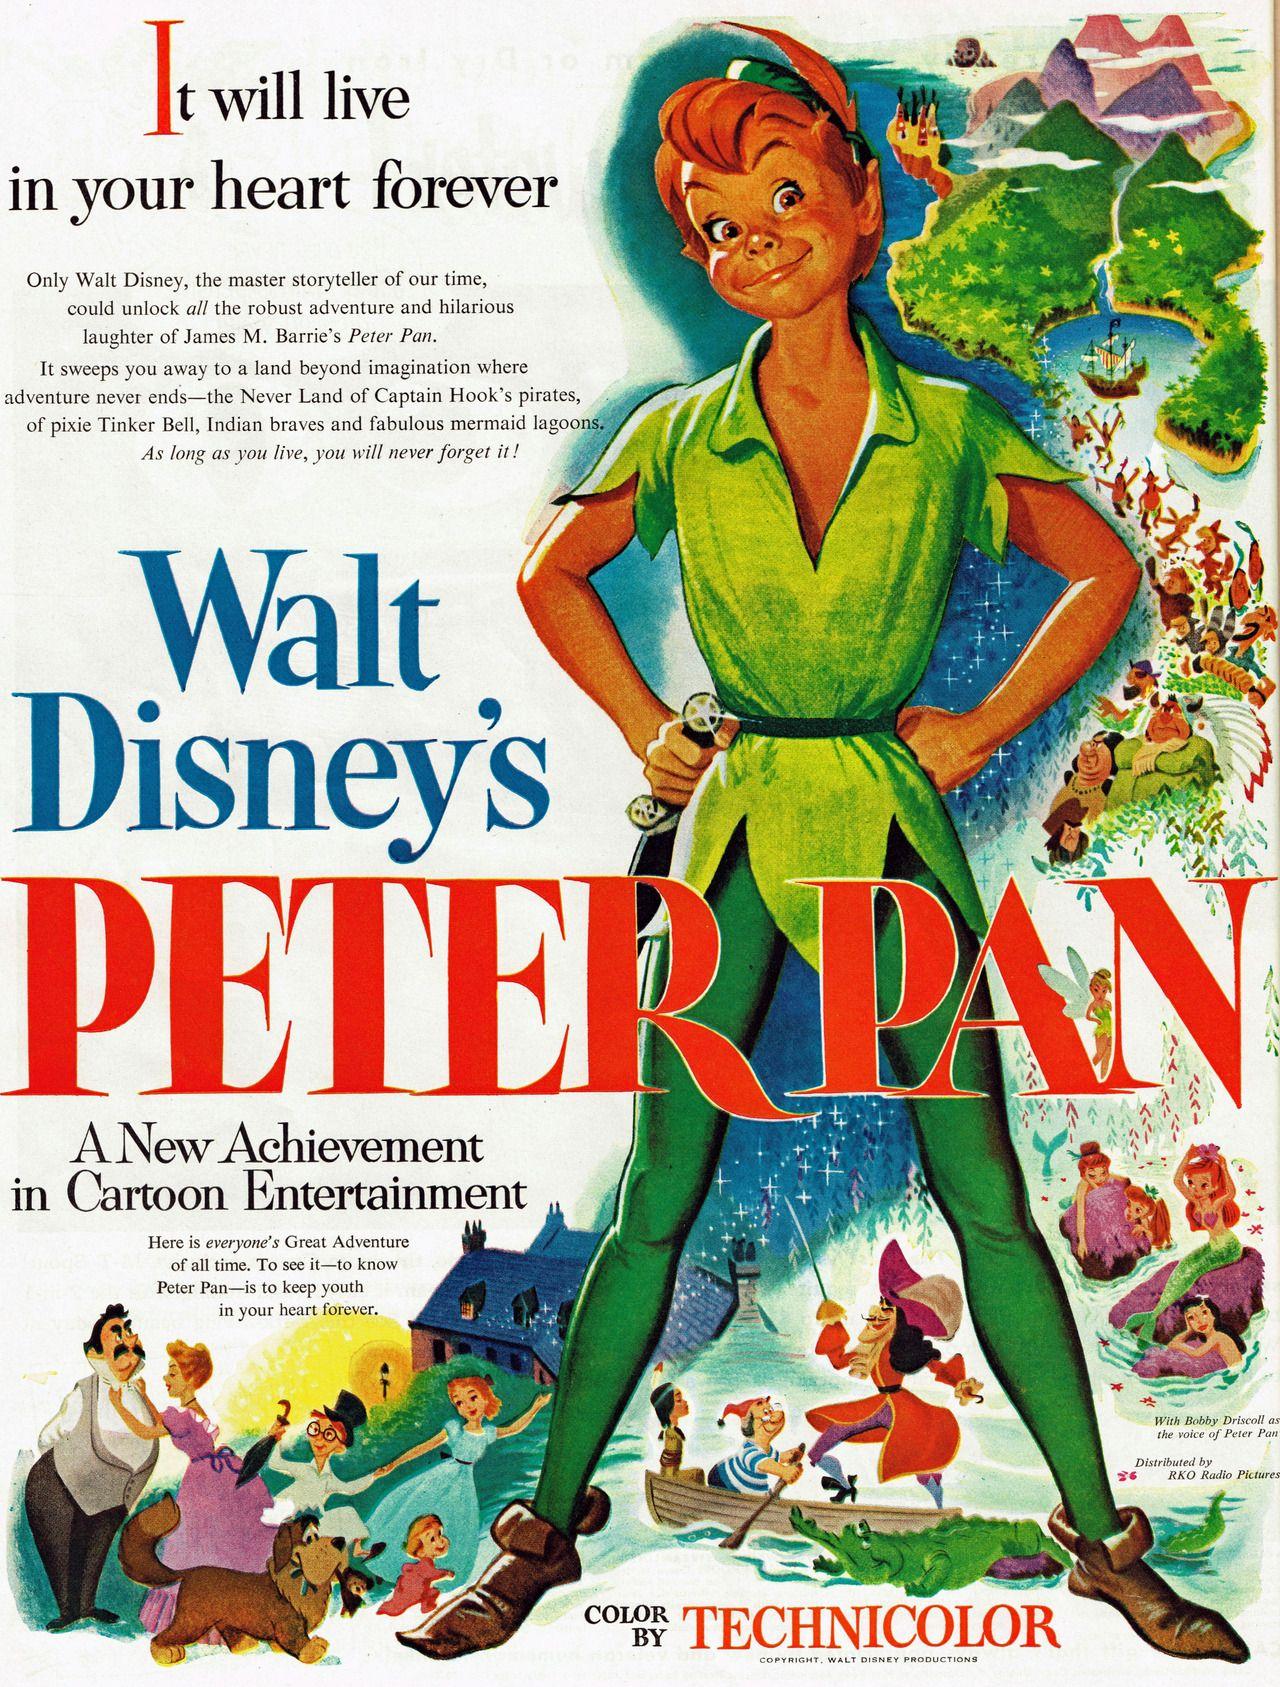 Peter Pan, 1953 | Movie Posters in 2018 | Pinterest | Peter pan 1953 ...